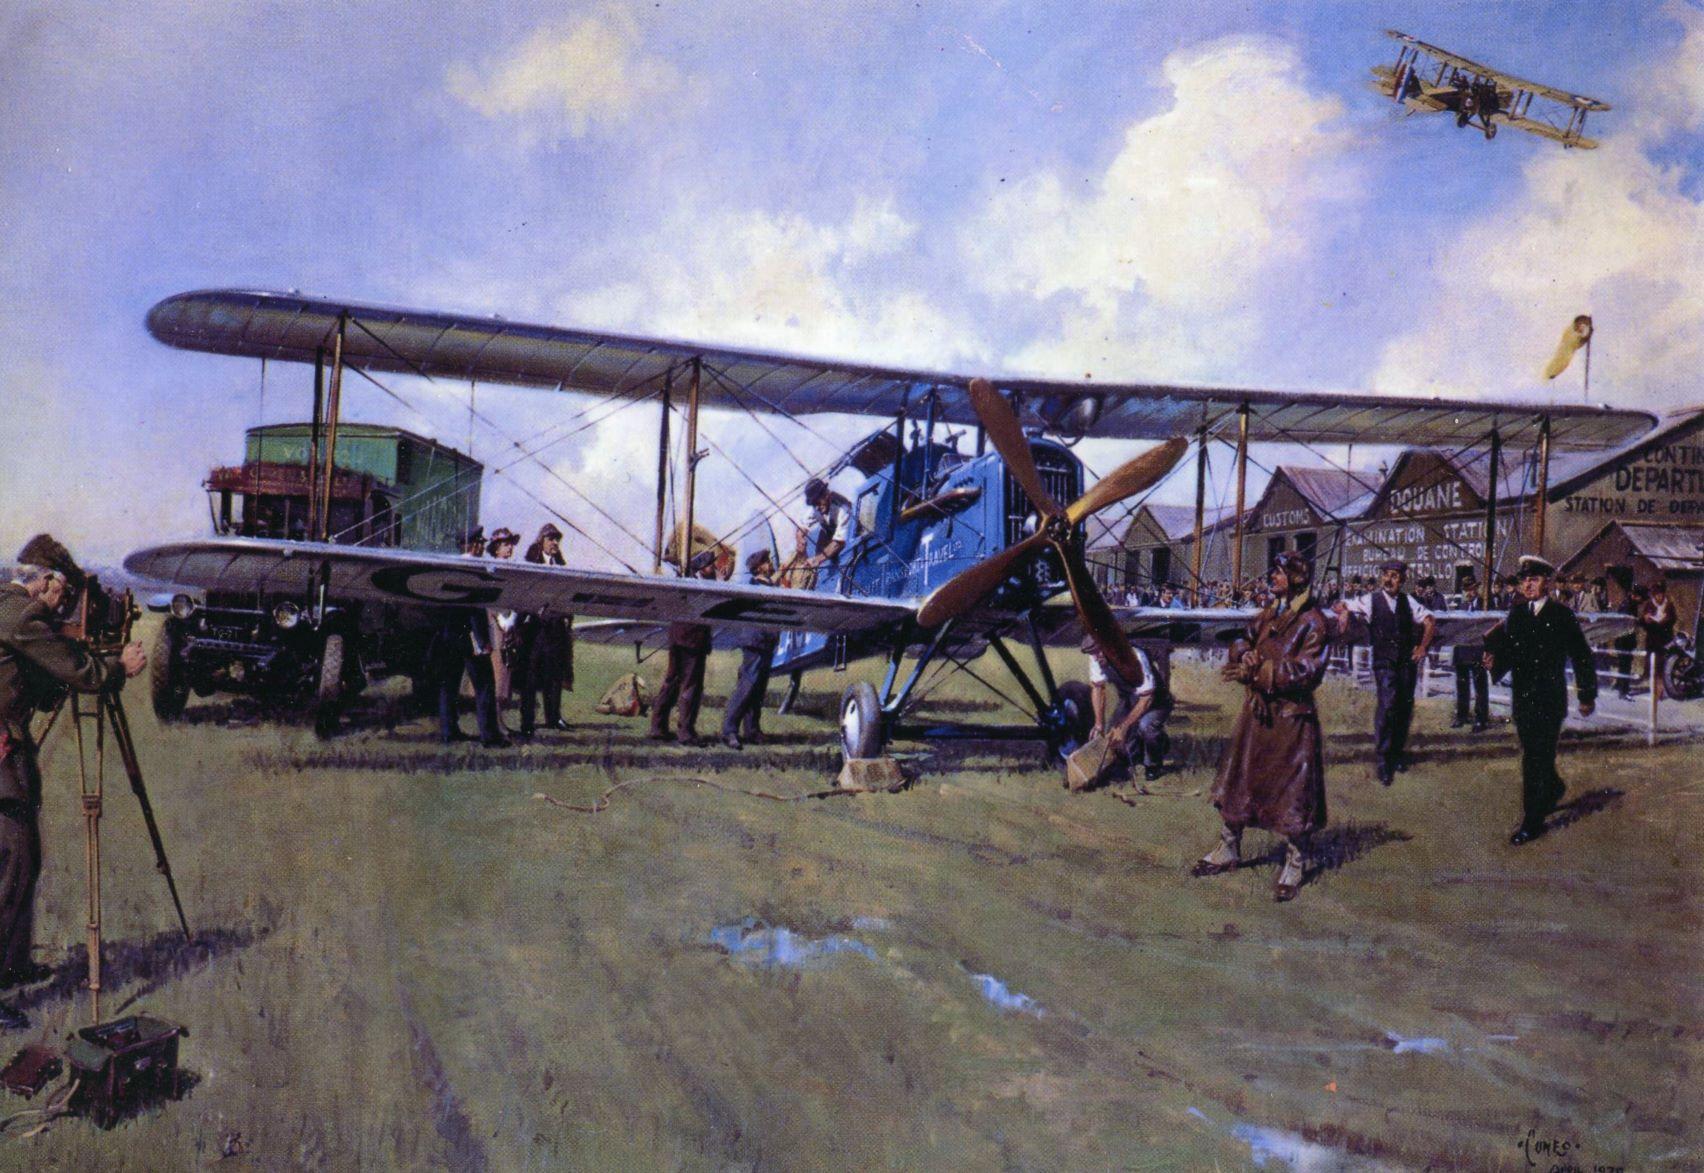 25 août 1919 : naissance de la Aircraft Transport & Travel, l'ancêtre de British Airways. Embarquement du passager et du fret au départ de l'aéroport de Hounslow. Evènement national, les journalistes et les actualités cinématographiques sont là - DR : Tableau signé Terence Cuneo (Collection BA)